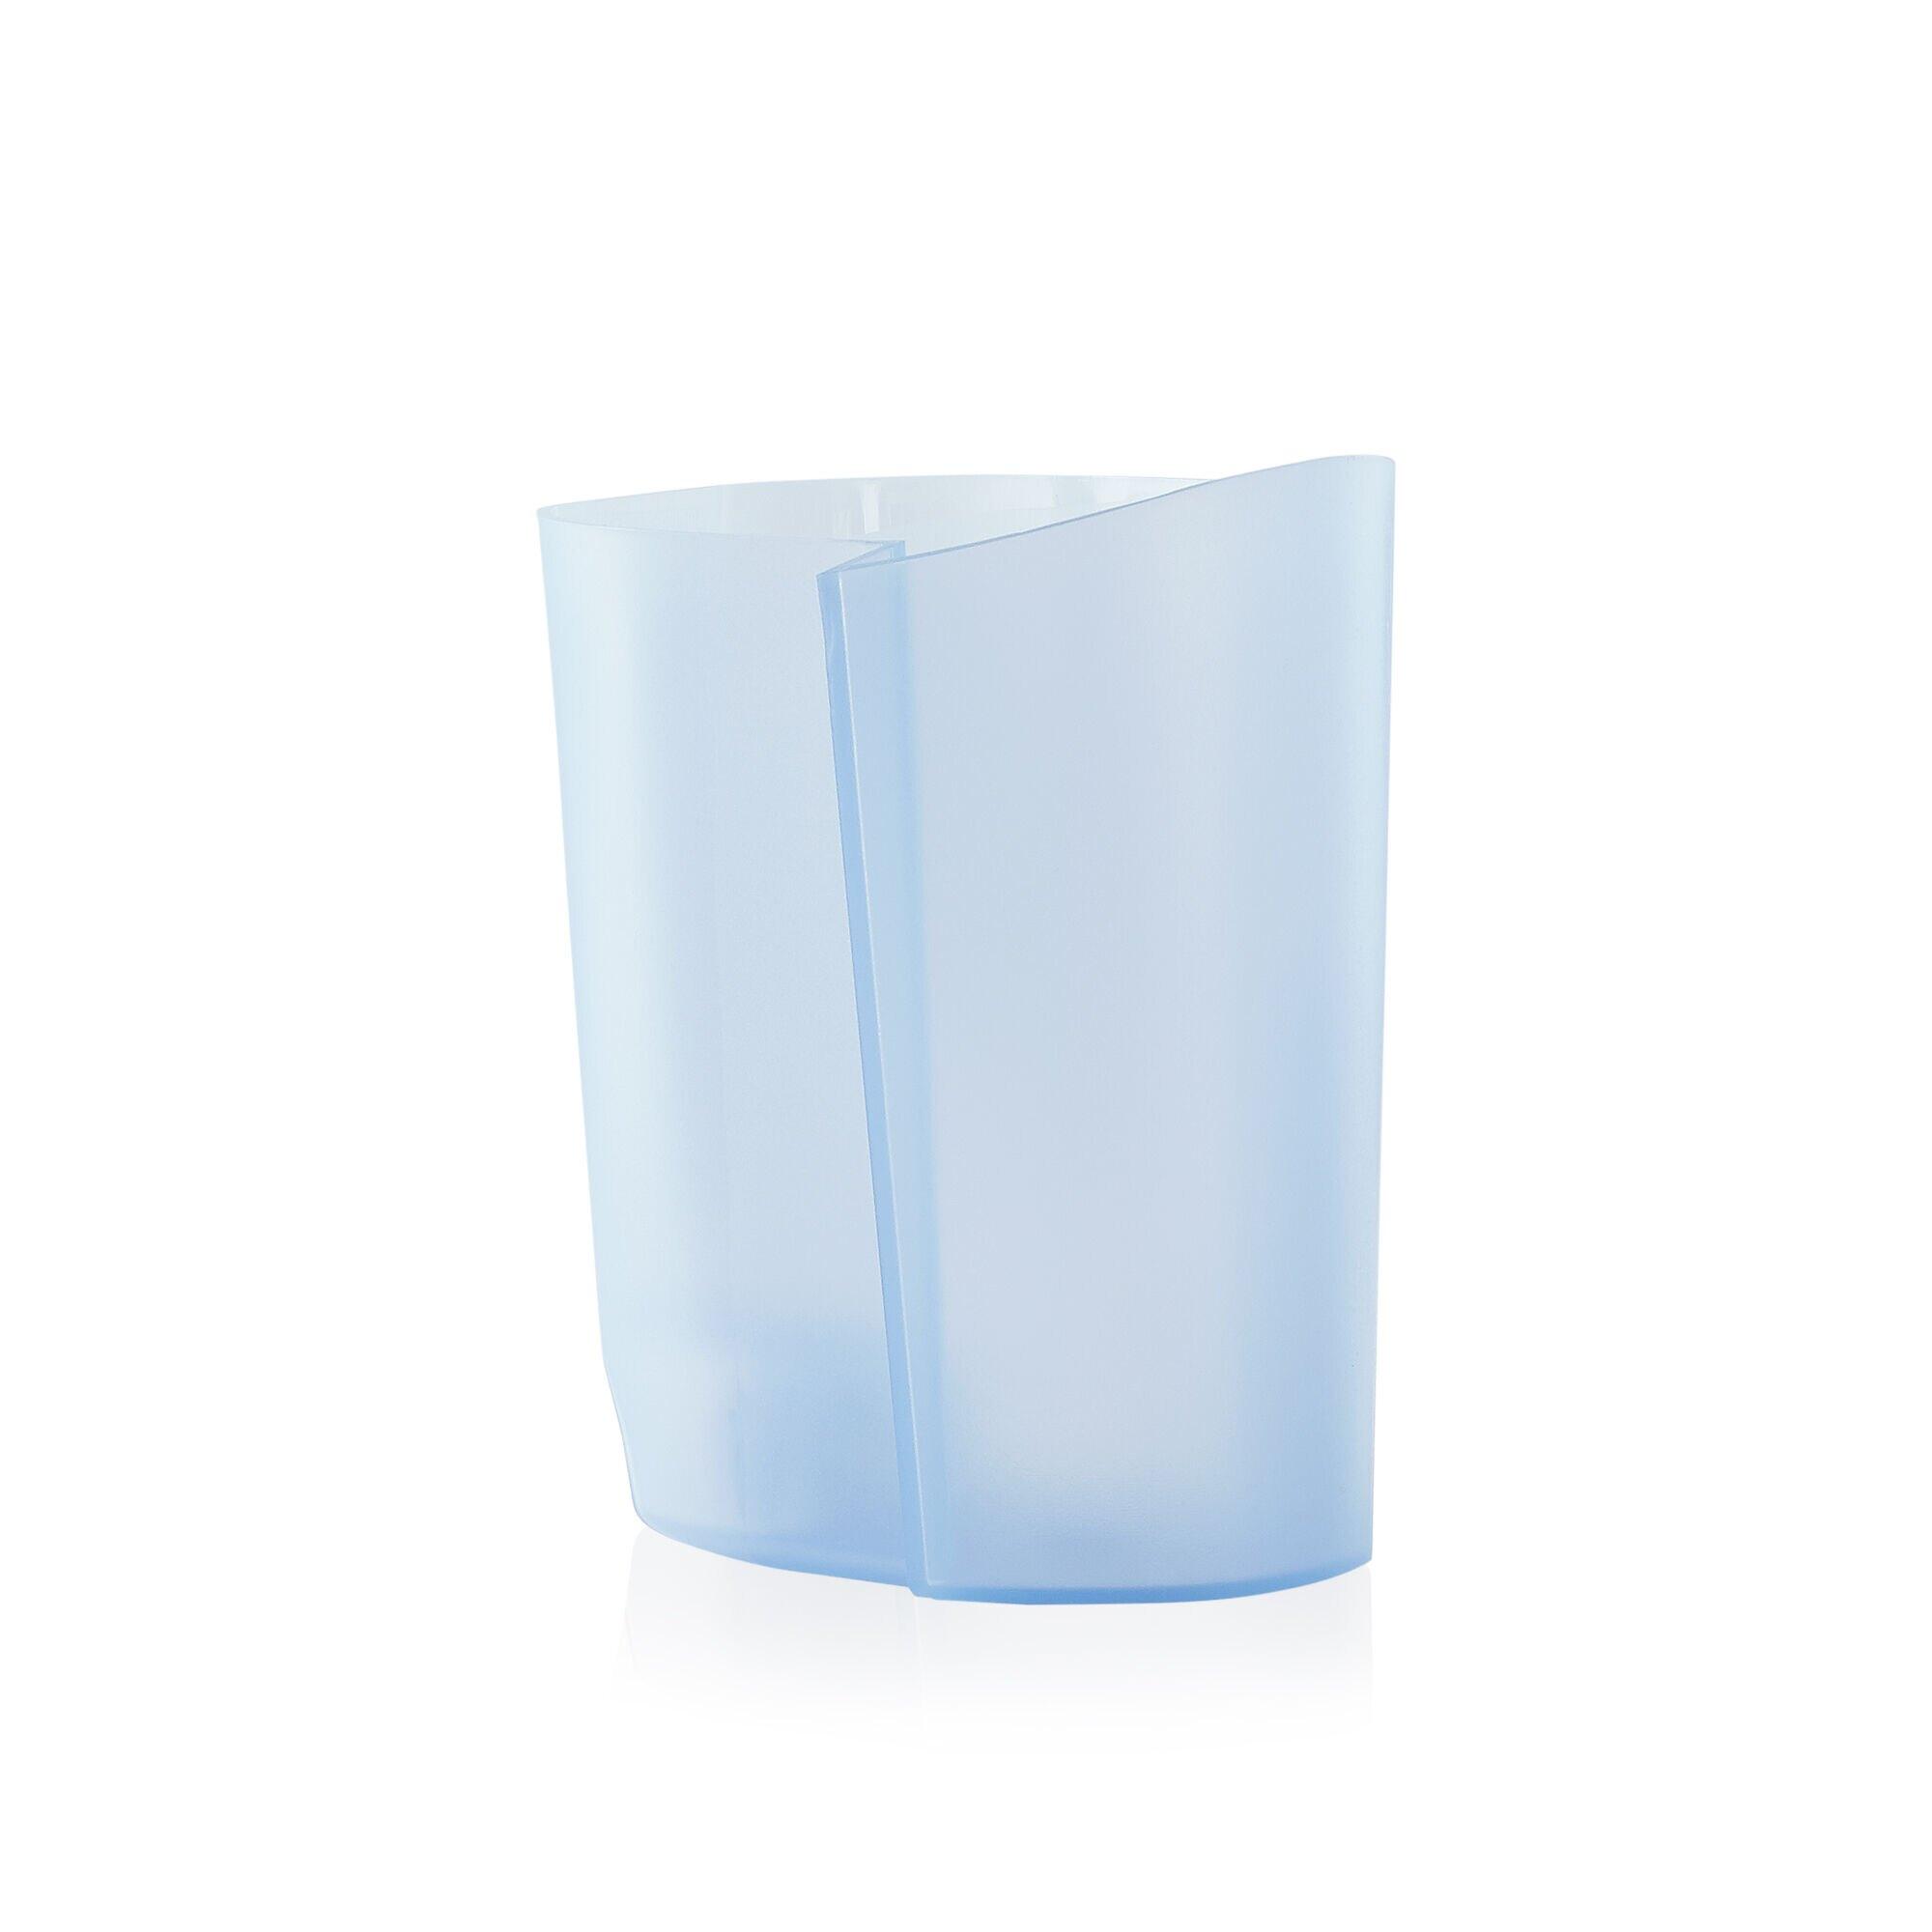 Serbatoio per l'acqua per le macchine da caffè X7.1 Iperespresso